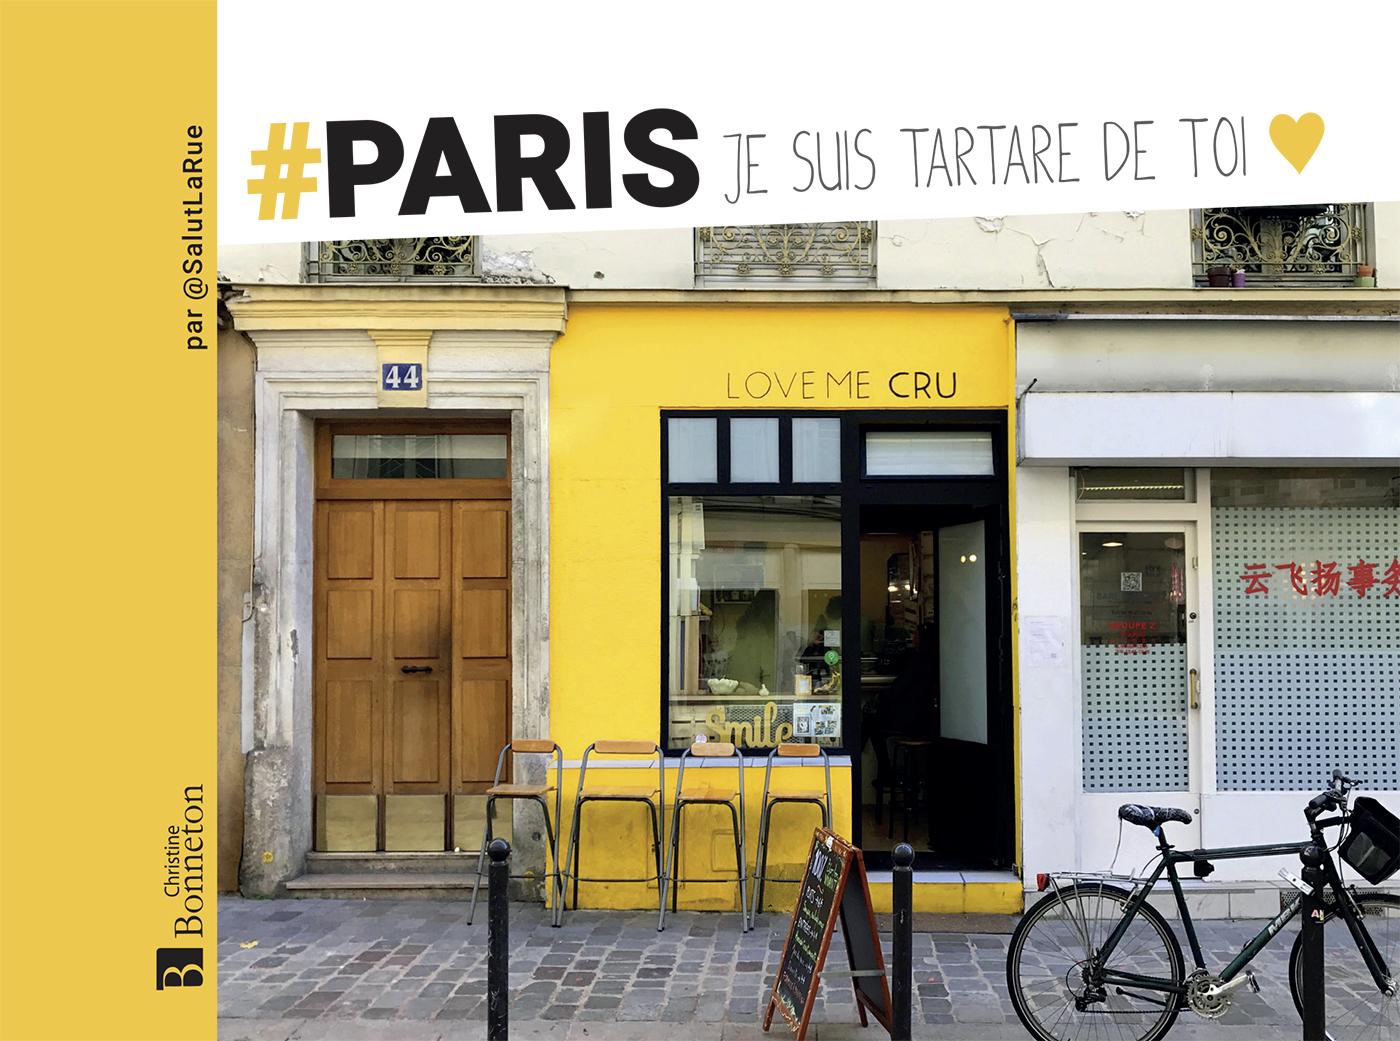 #PARIS JE SUIS TARTARE DE TOI - PAR  SALUTLARUE